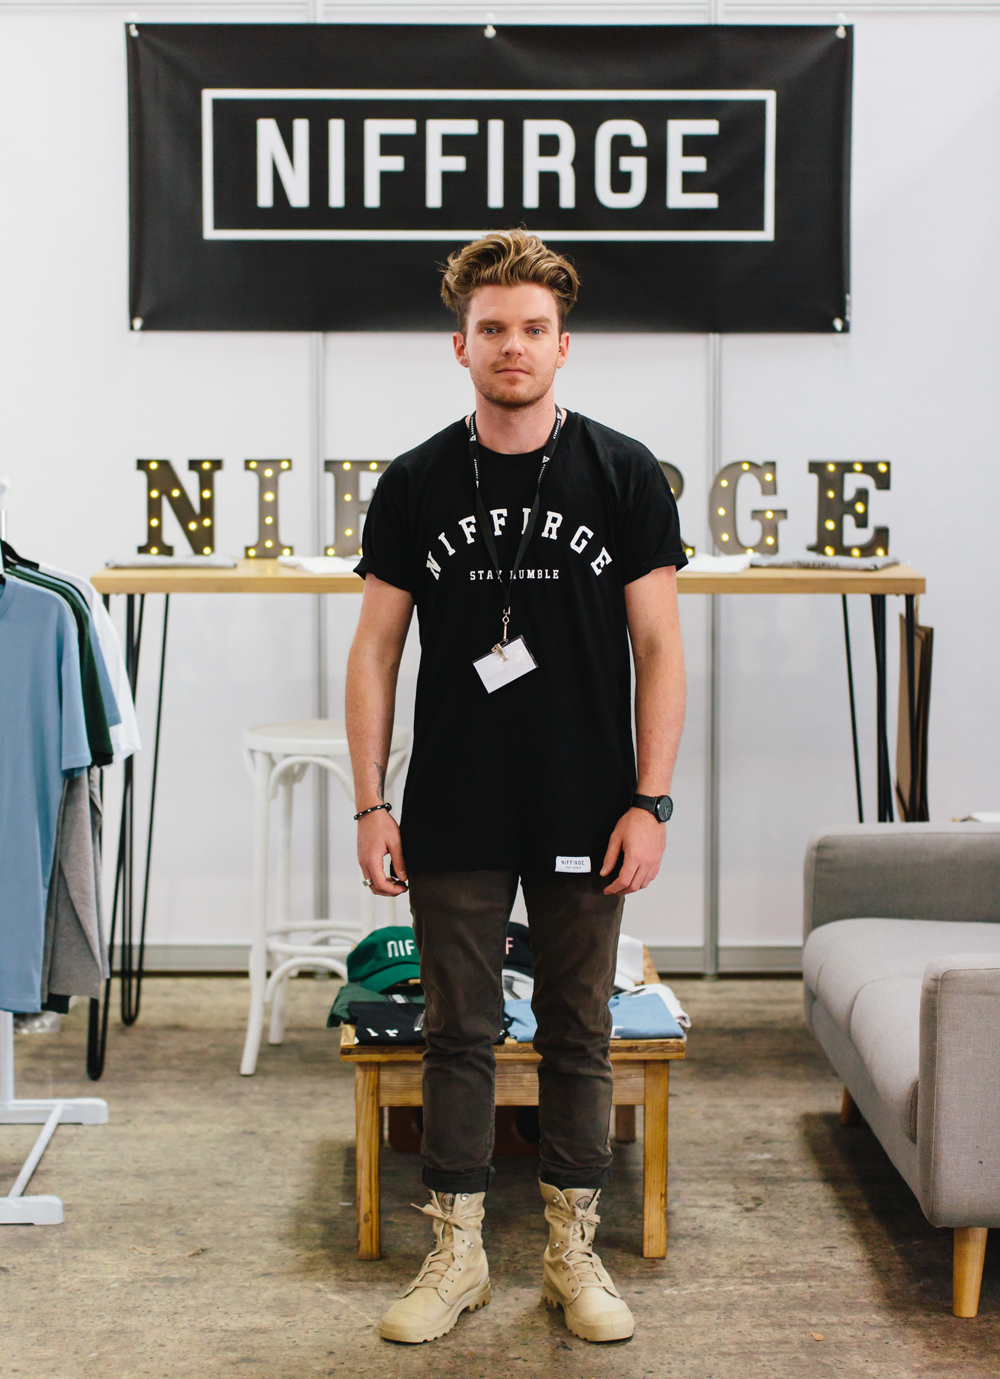 Niffirge Clothing / @niffirgeclothing